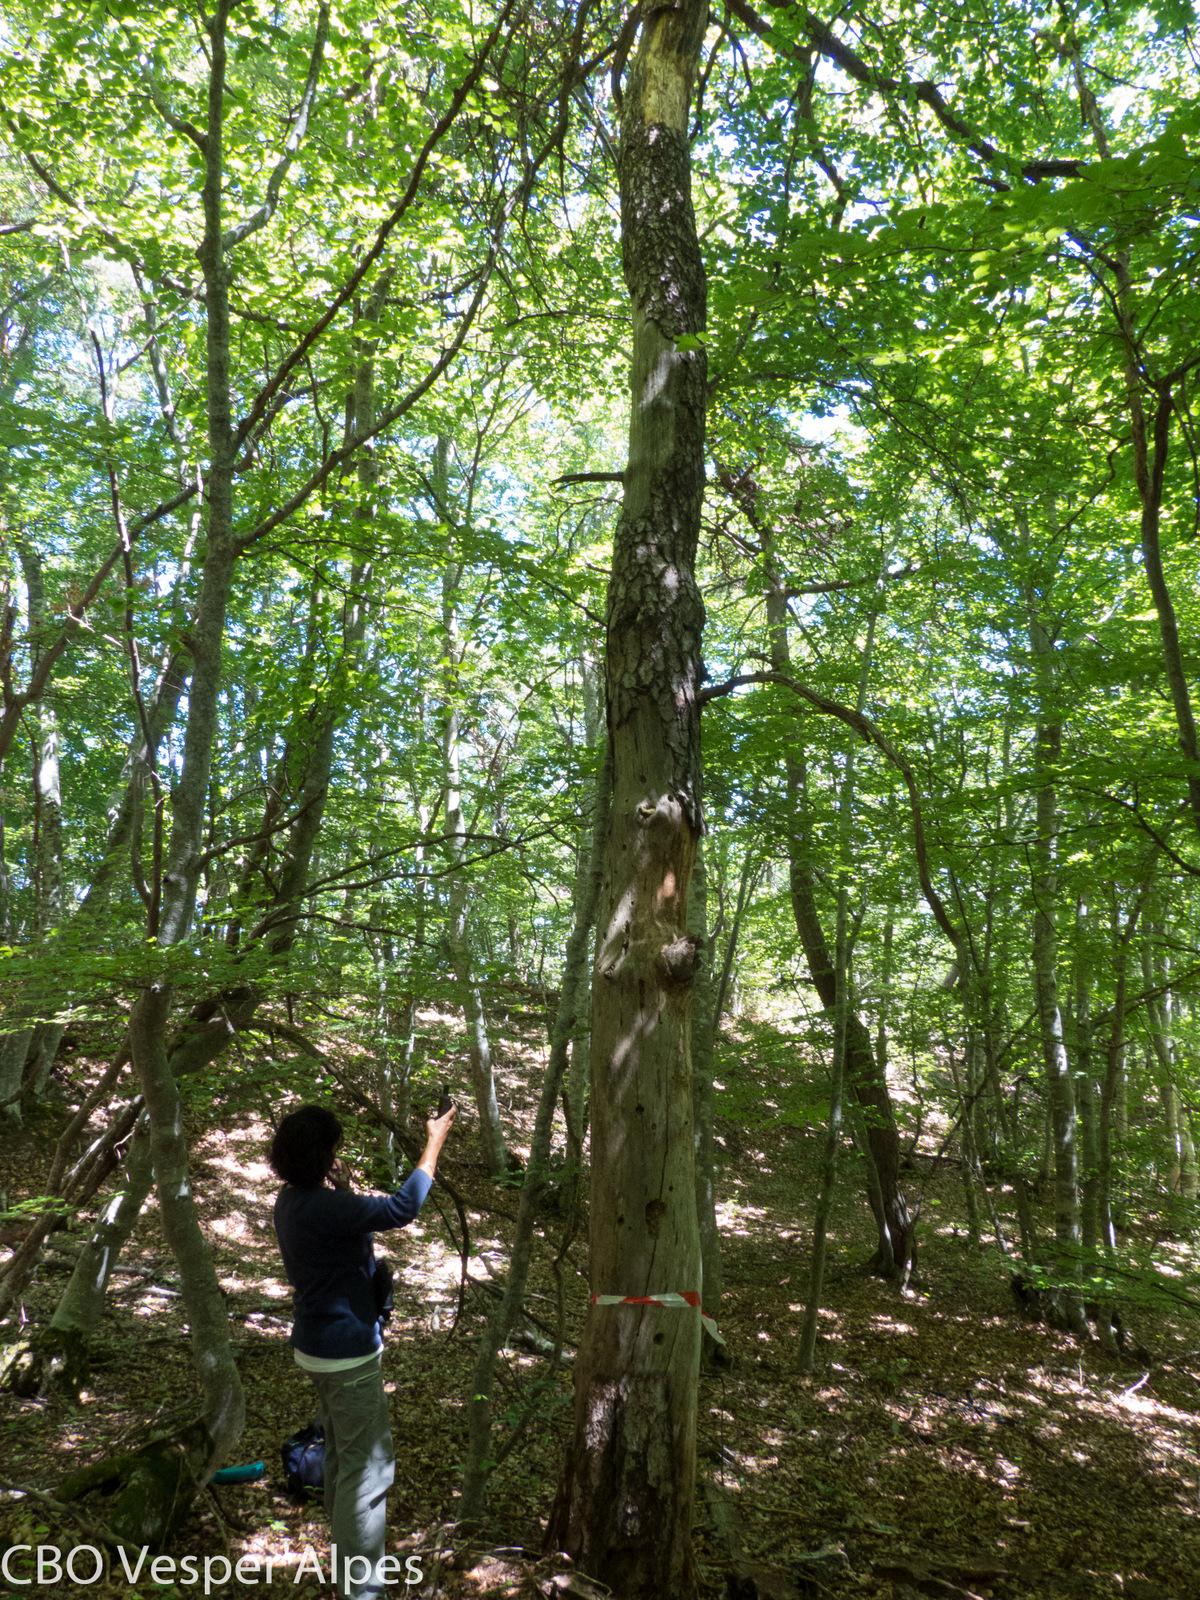 Localisation d'un gîte arboricole grâce à un individu équipé